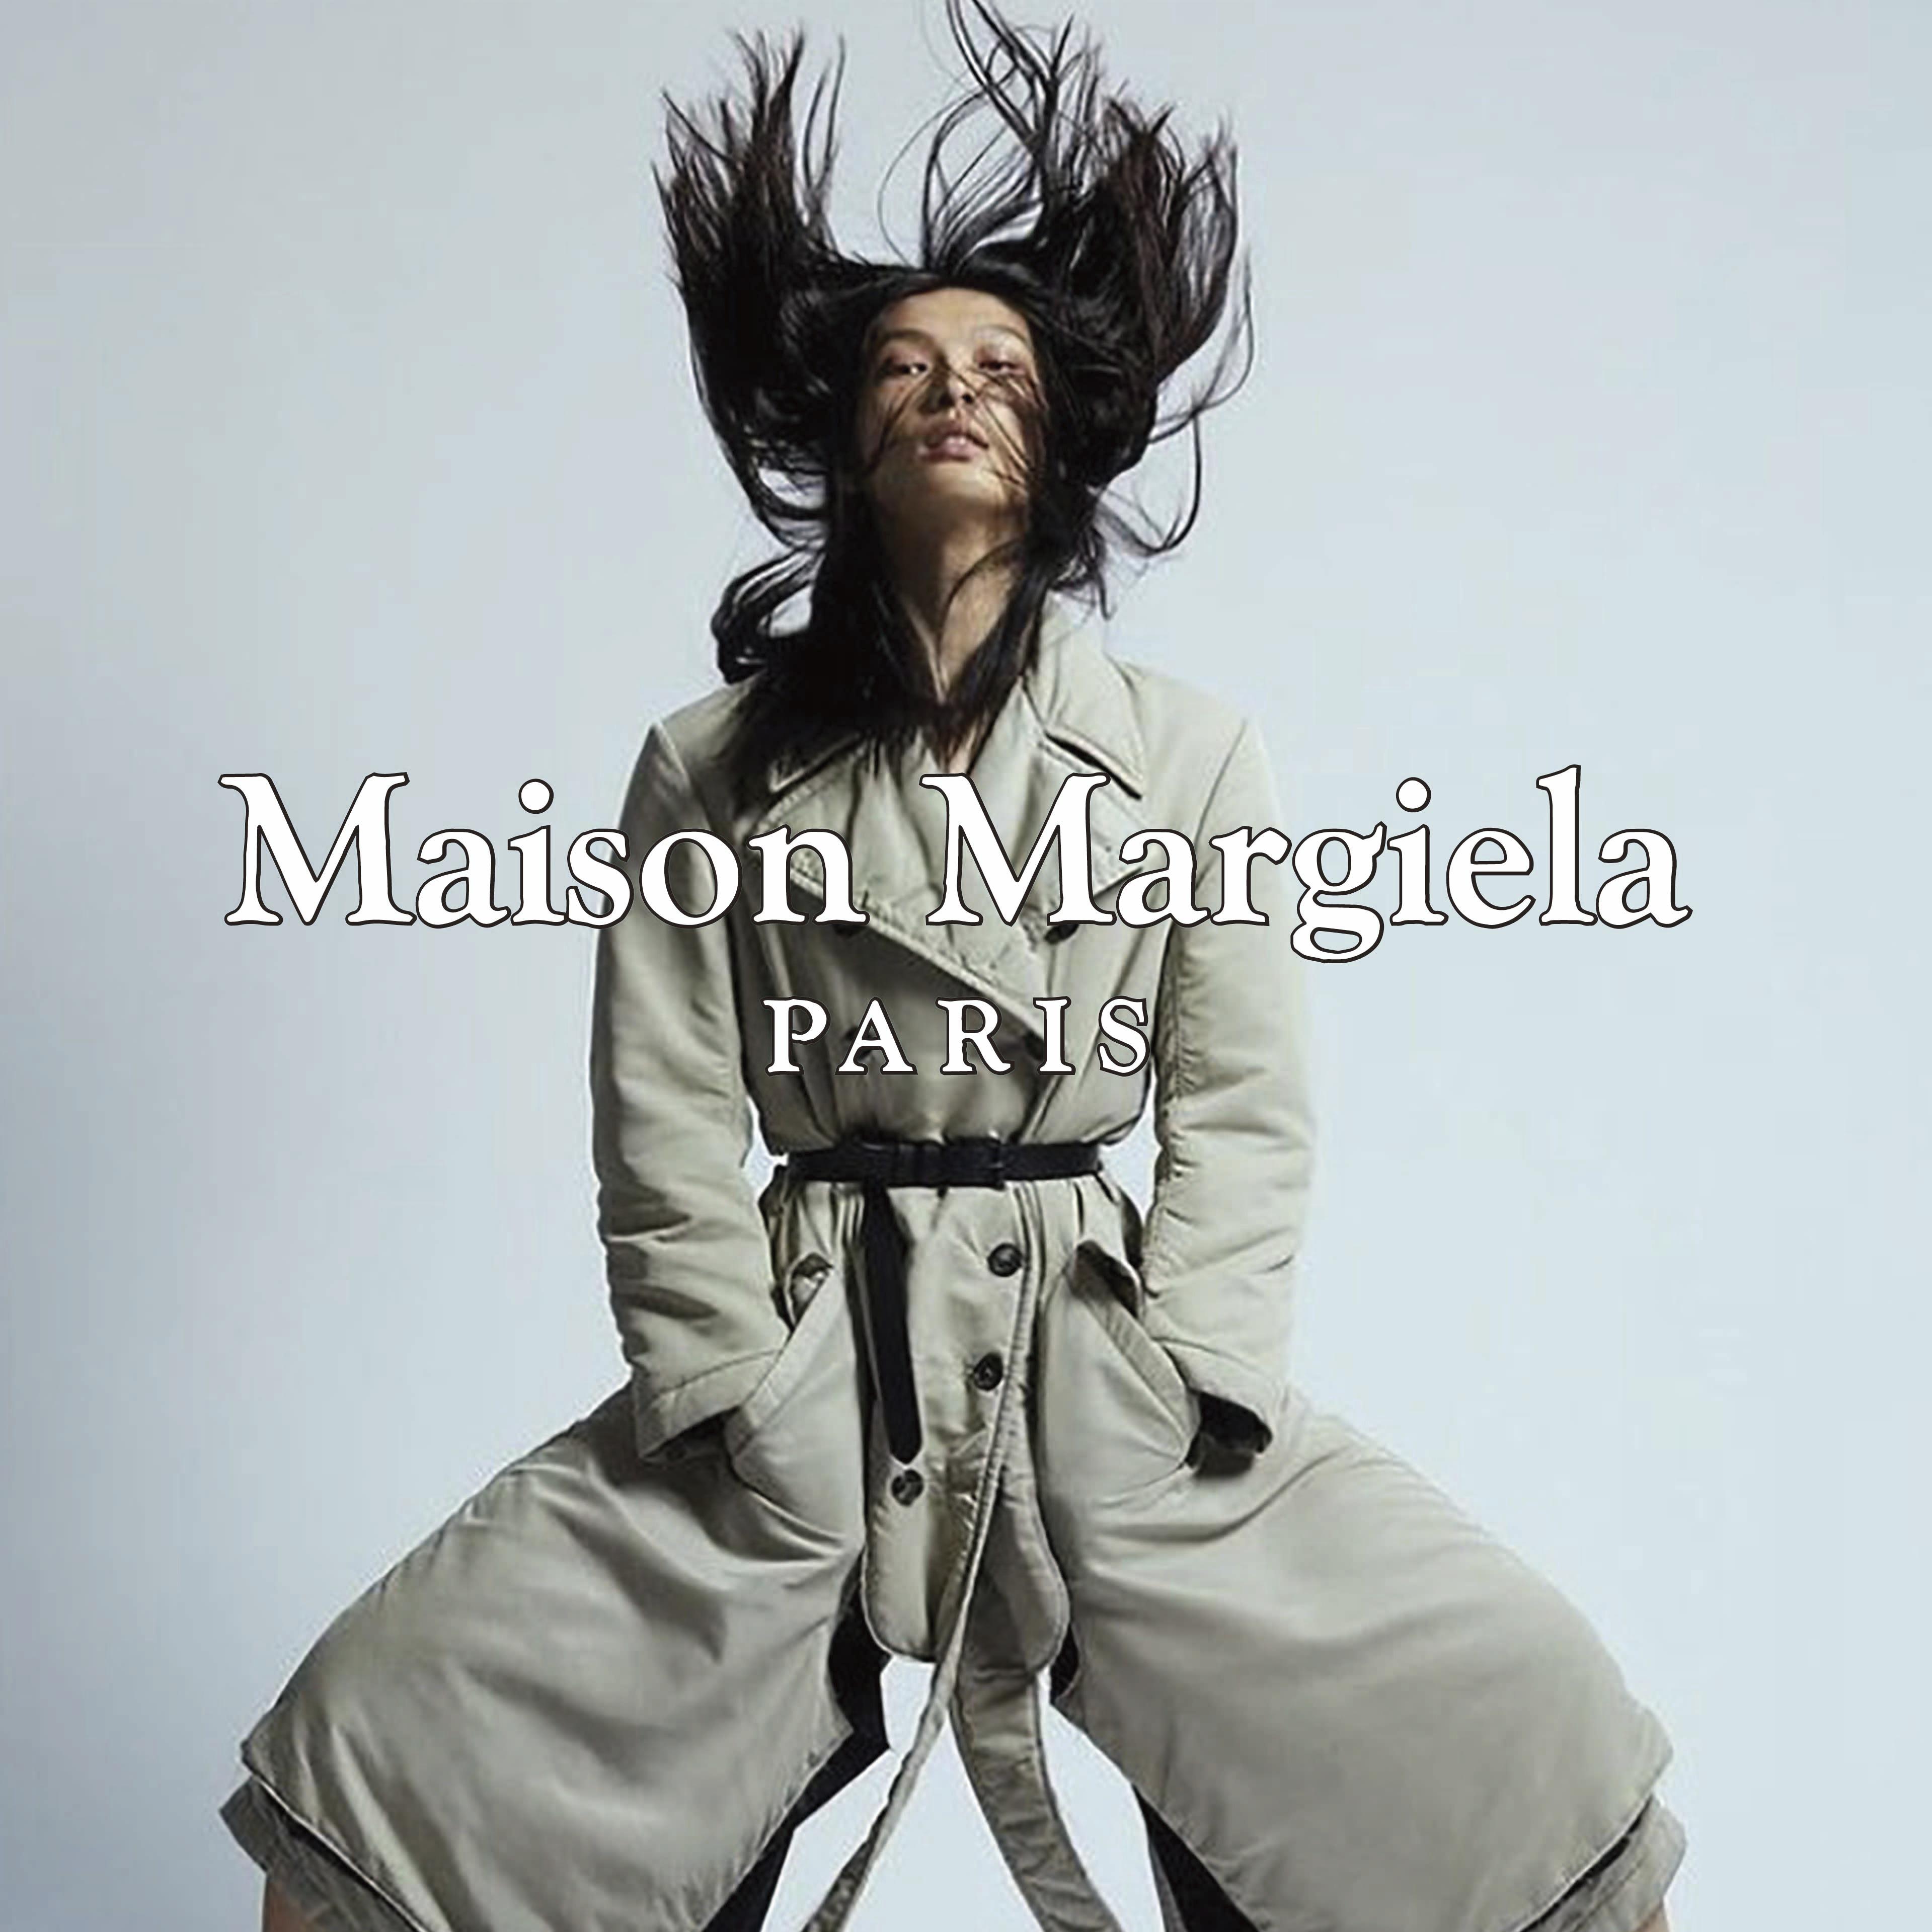 Maison Margiela,メゾンマルジェラ,大阪セレクトショップ,なんばセレクトショップ